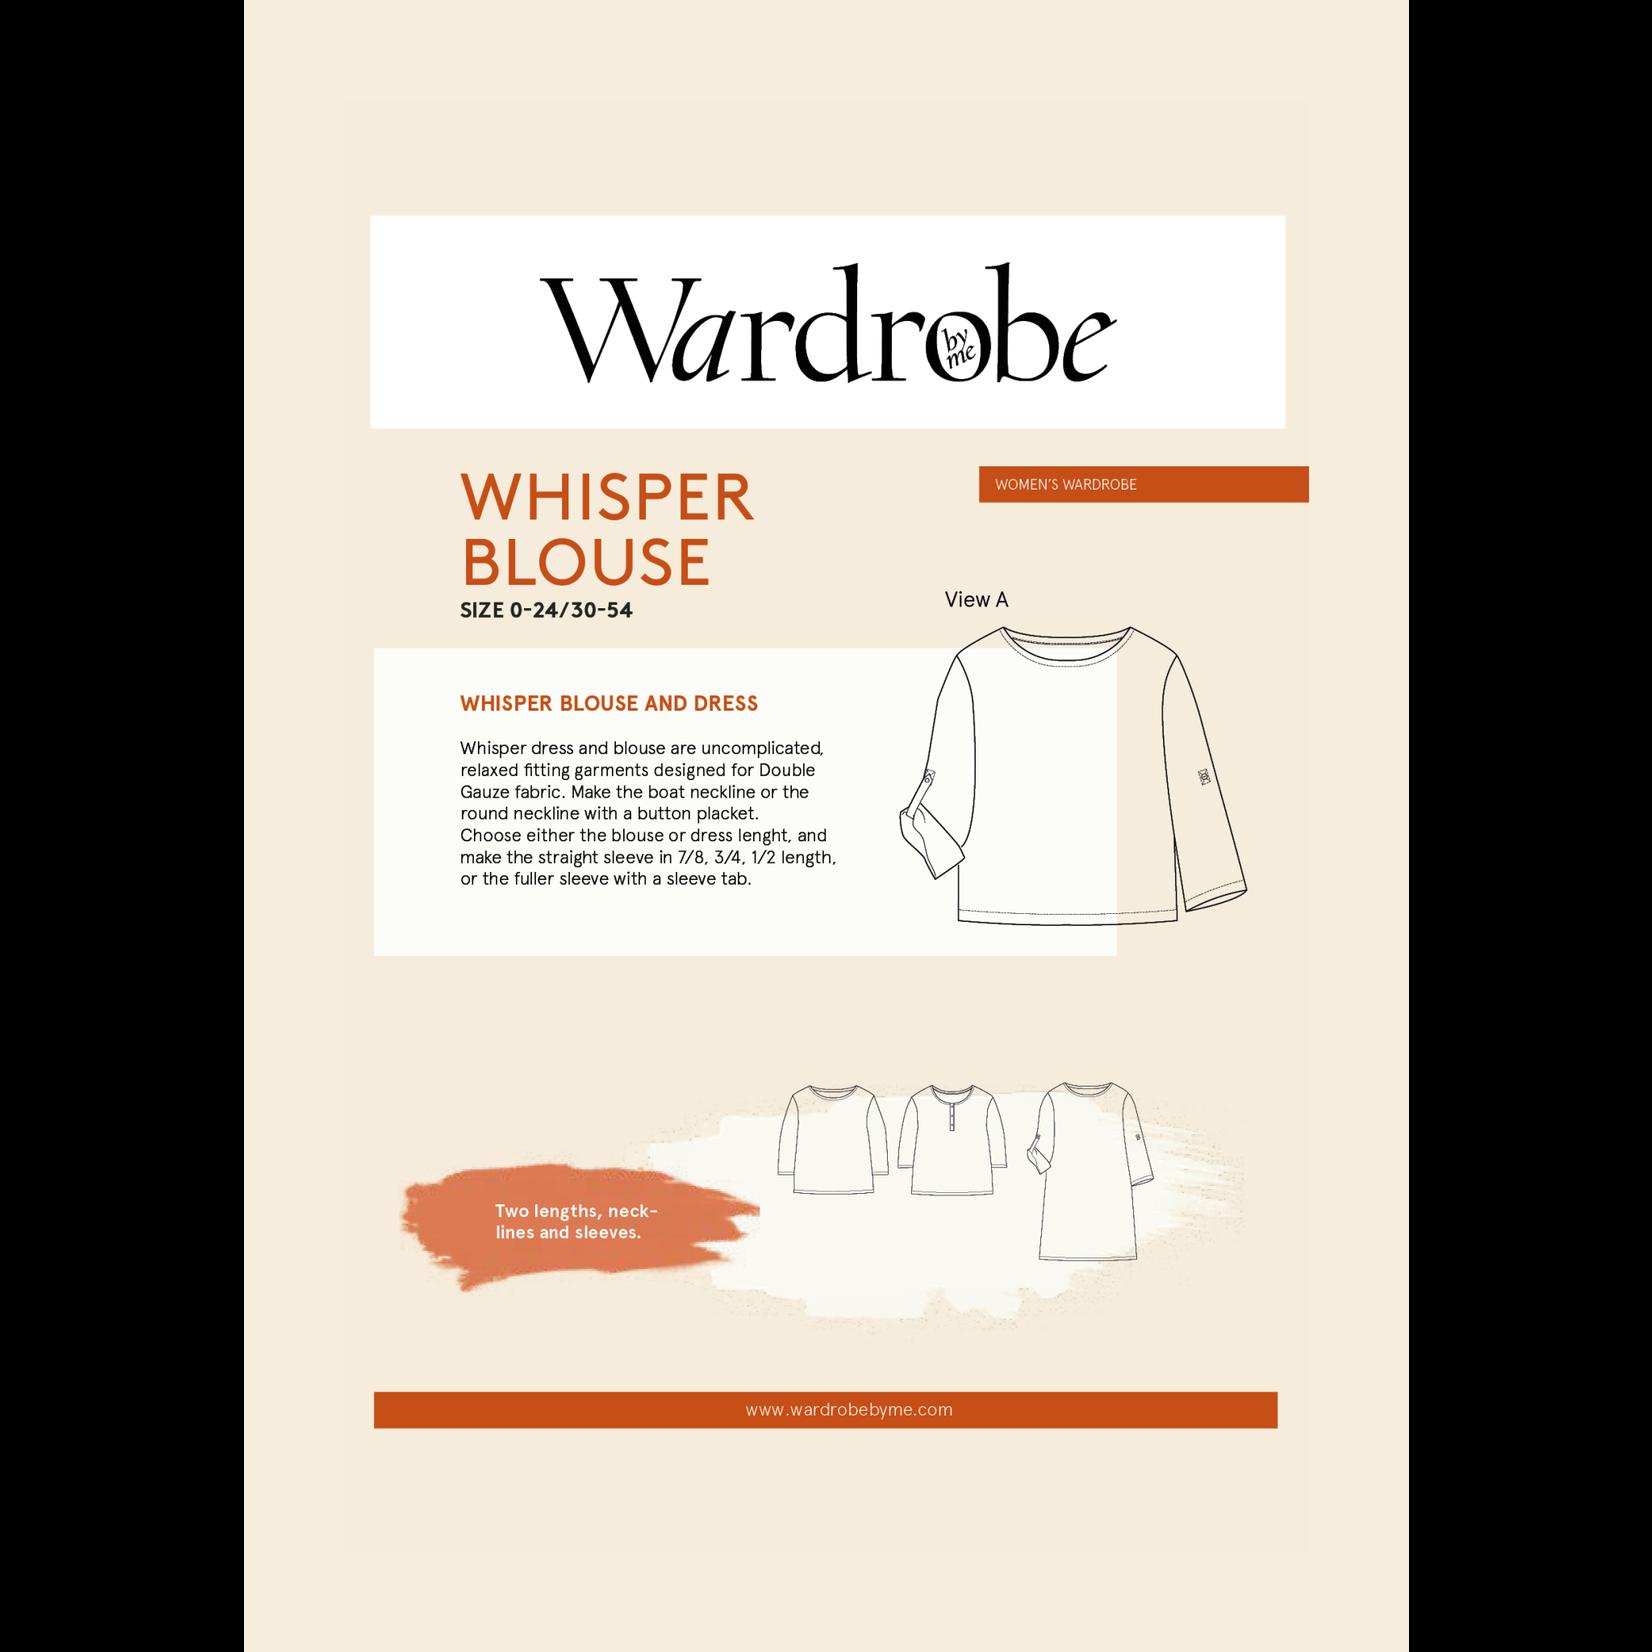 Wardrobe by Me Whisper Blouse Pattern 0-24 (30-54)